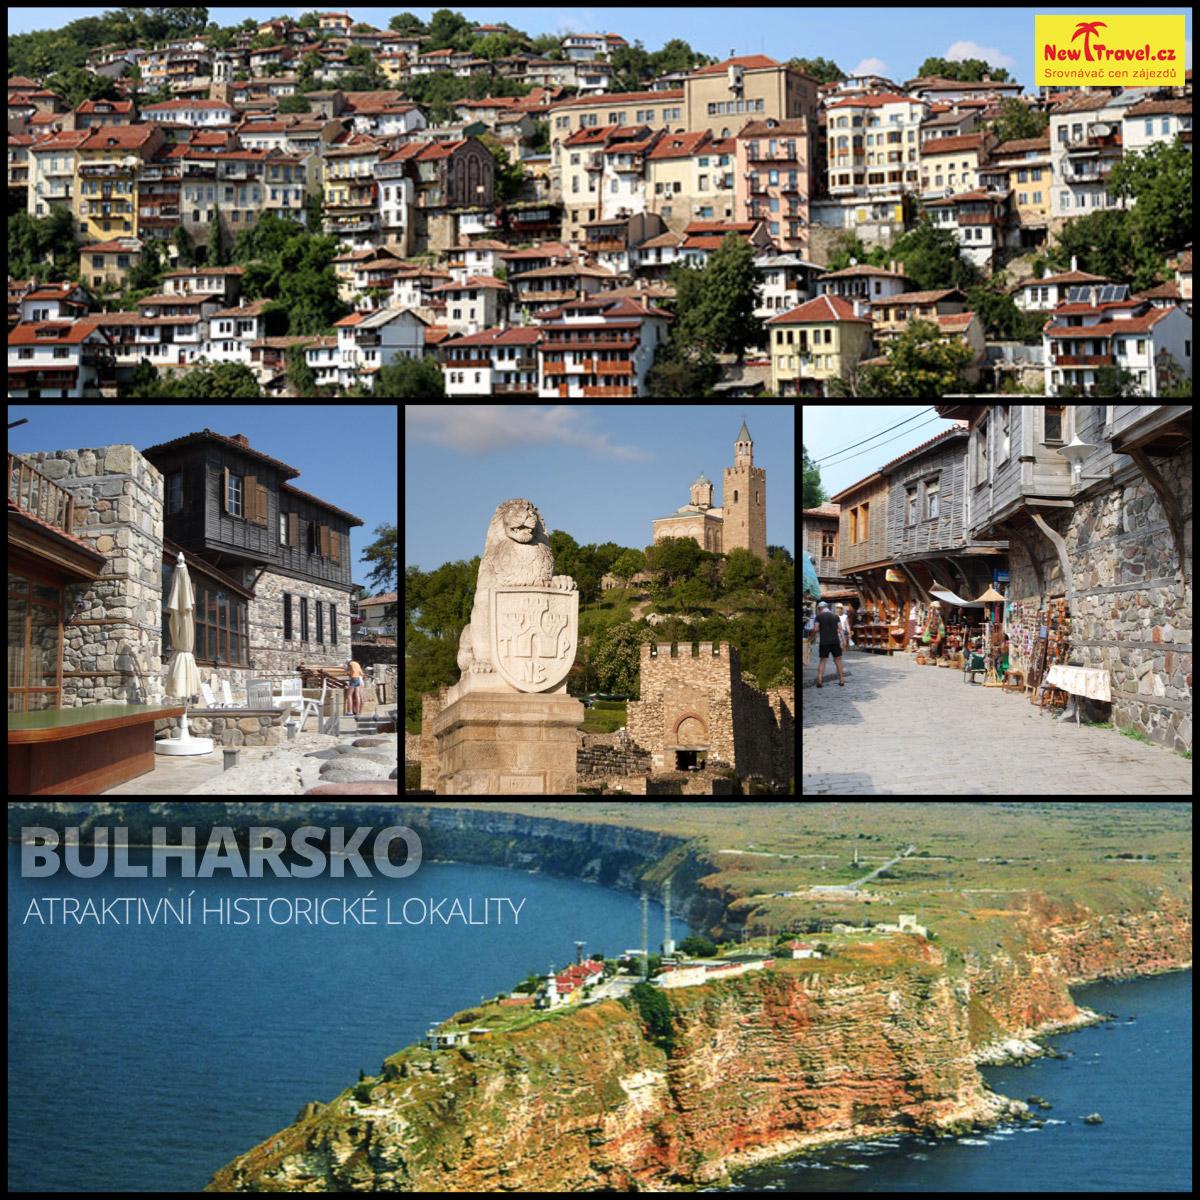 Dovolená v Bulharsku nabízí samozřejmě možnost vidět a poznat i mnoho dalších atraktivních lokalit.